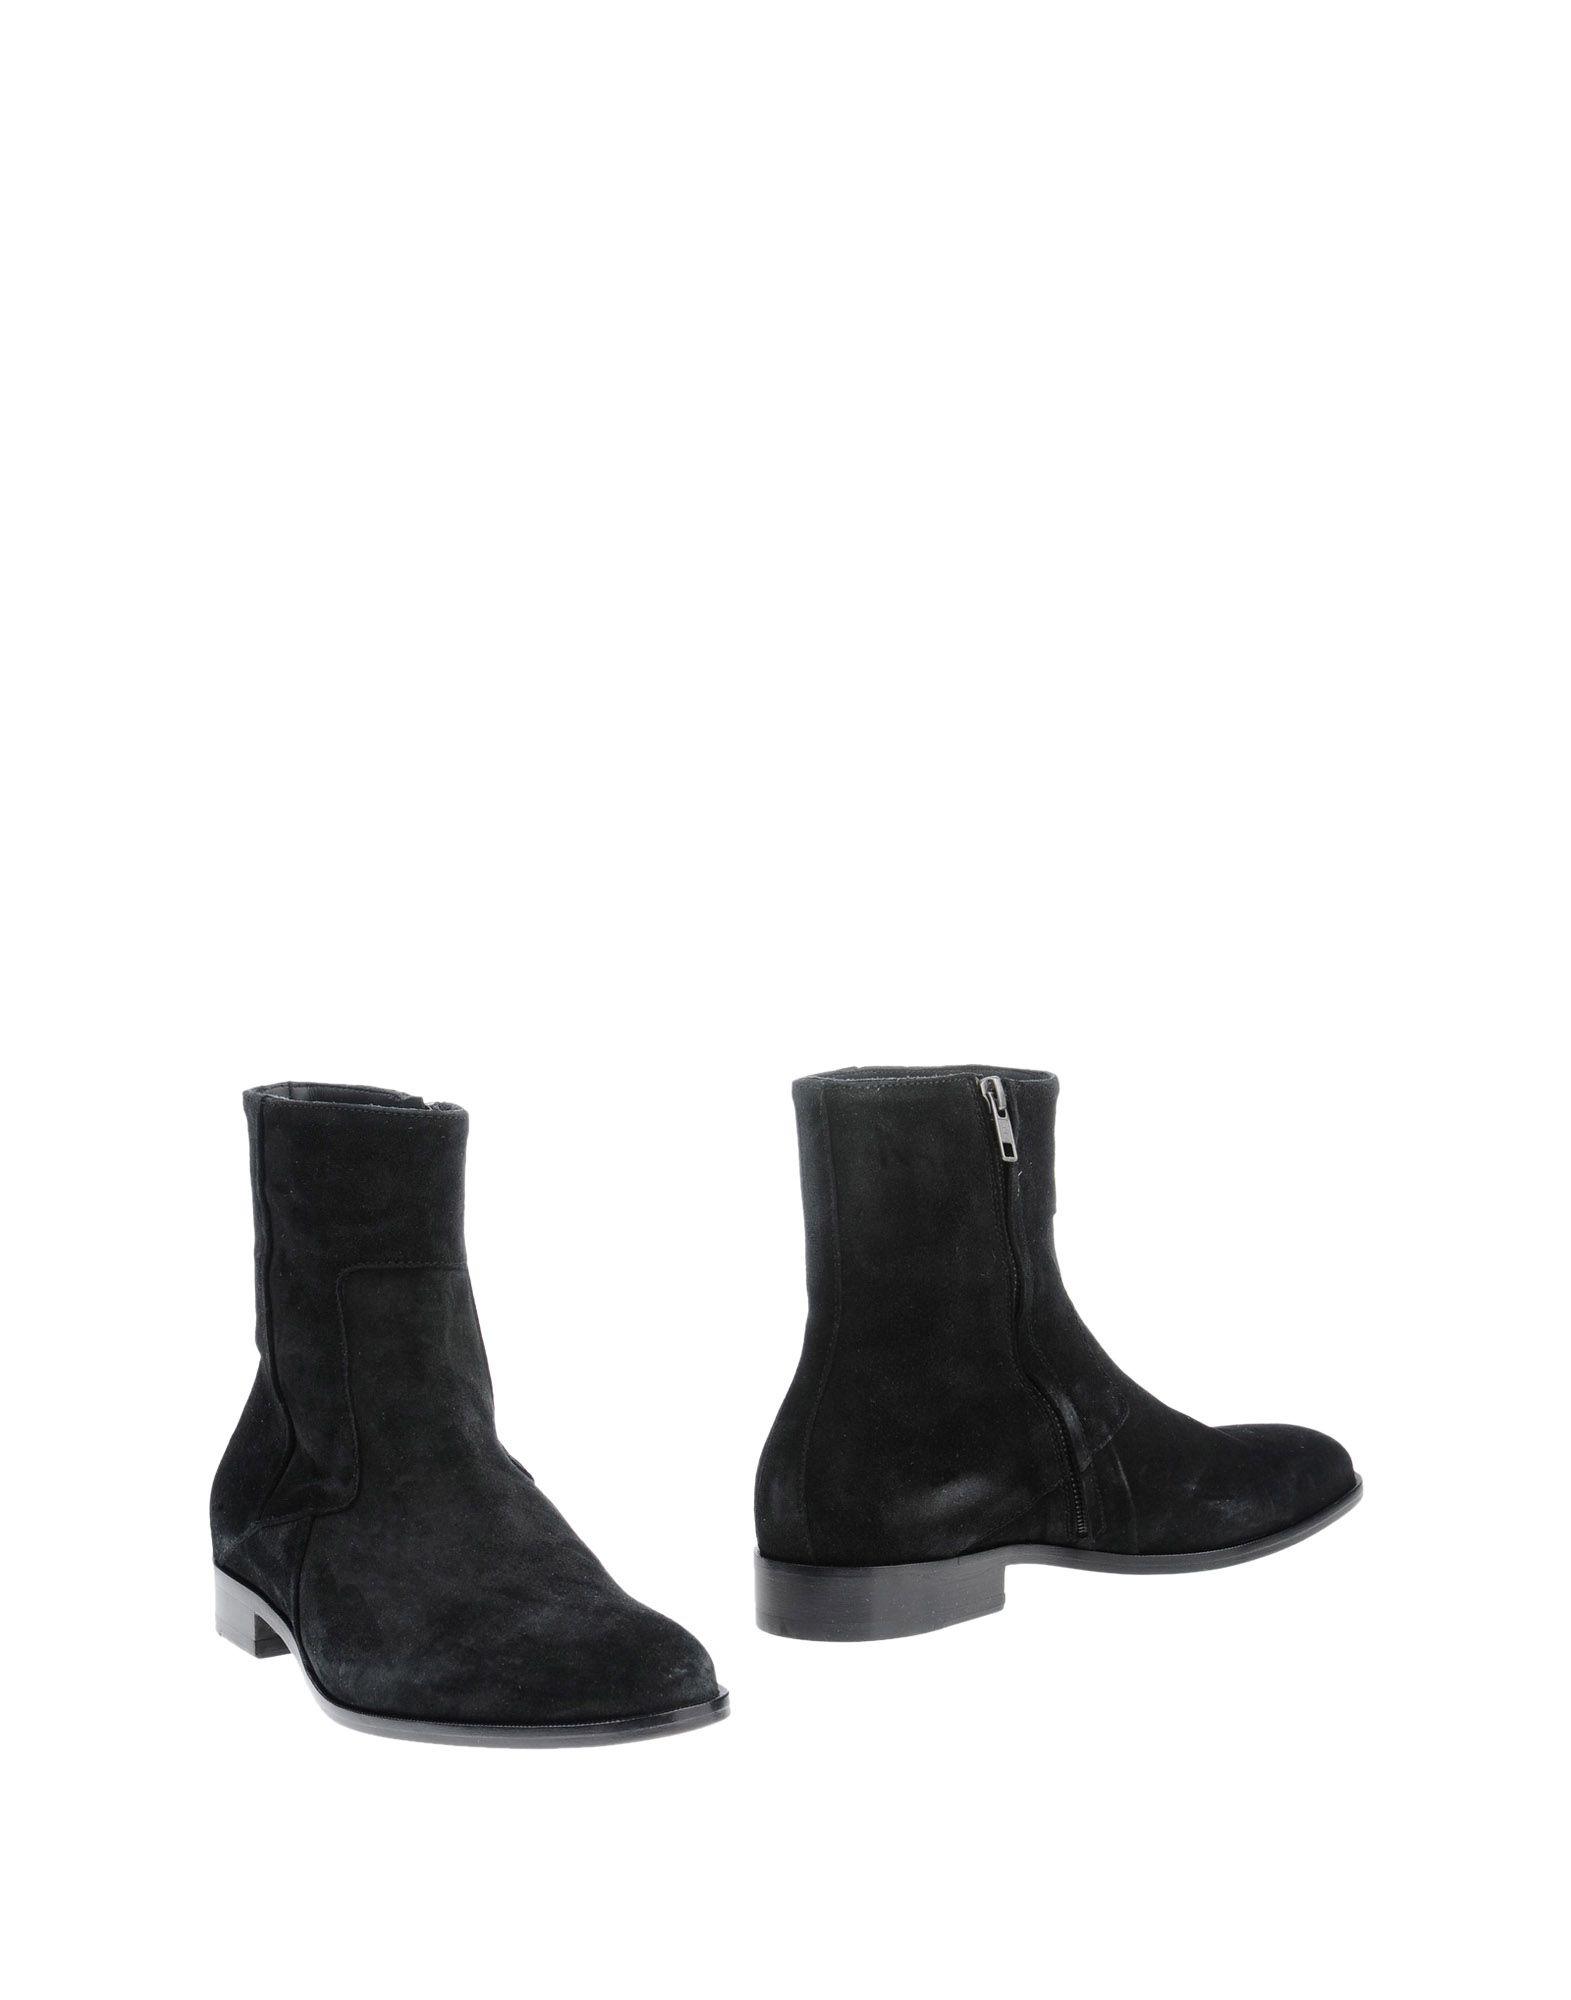 Palm Angels Stiefelette Herren  11370331NC Gute Qualität beliebte Schuhe